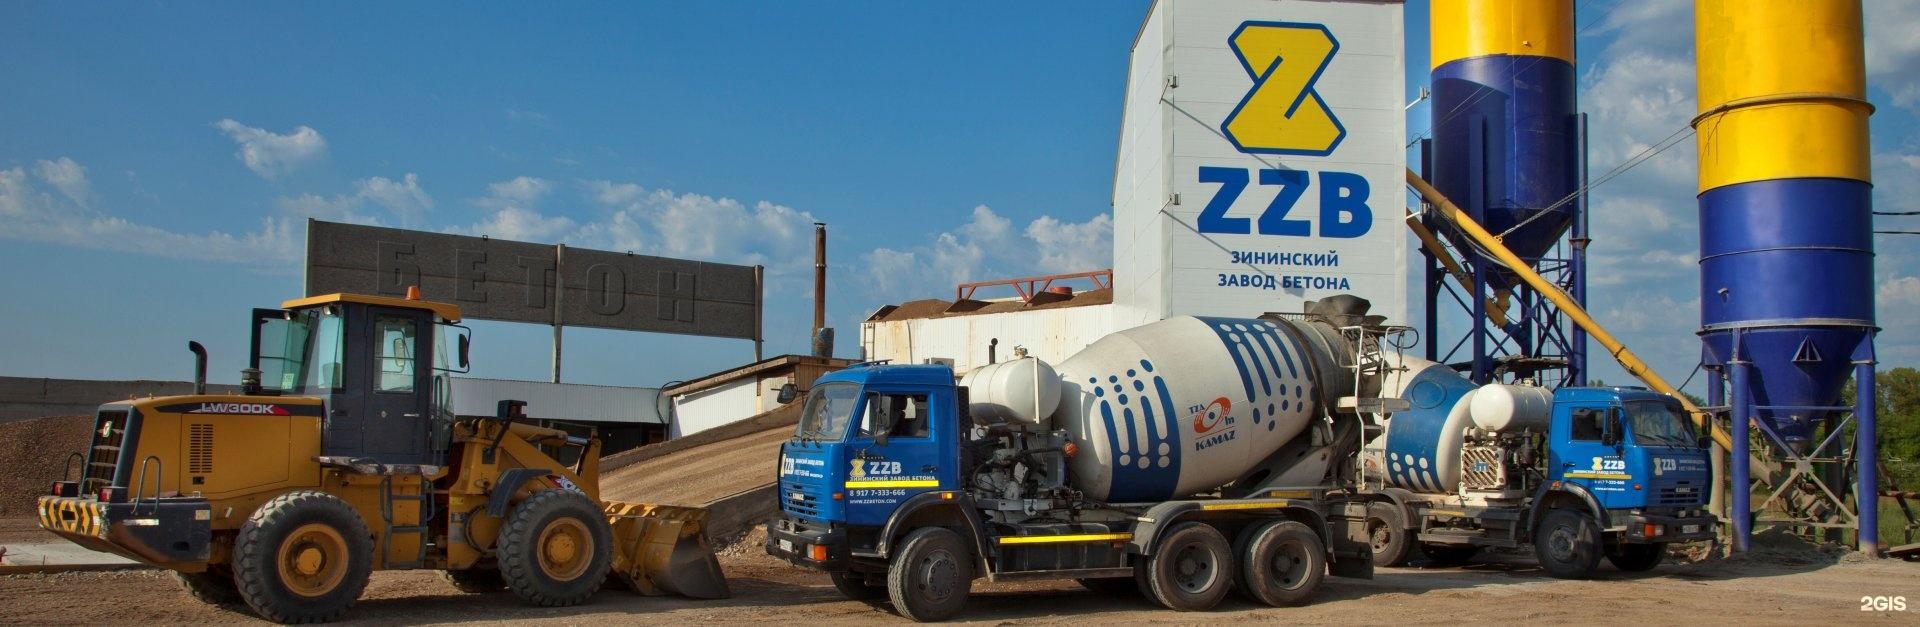 Зининский завод бетона уфа закисание бетона